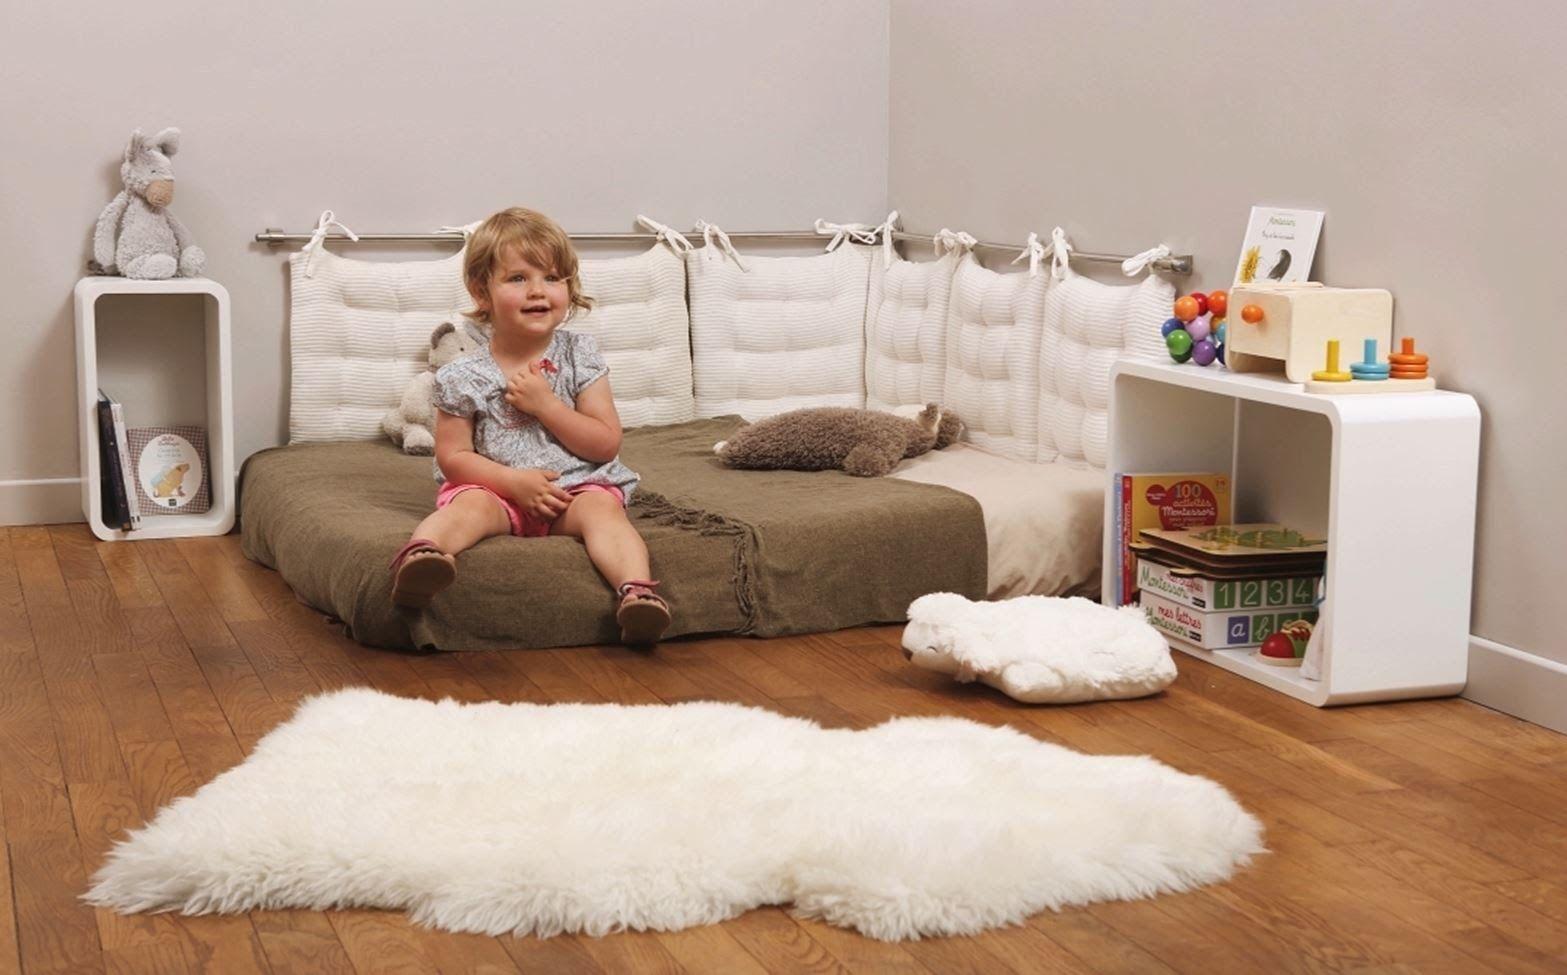 Réalisez votre chambre Montessori  Chambre bébé montessori